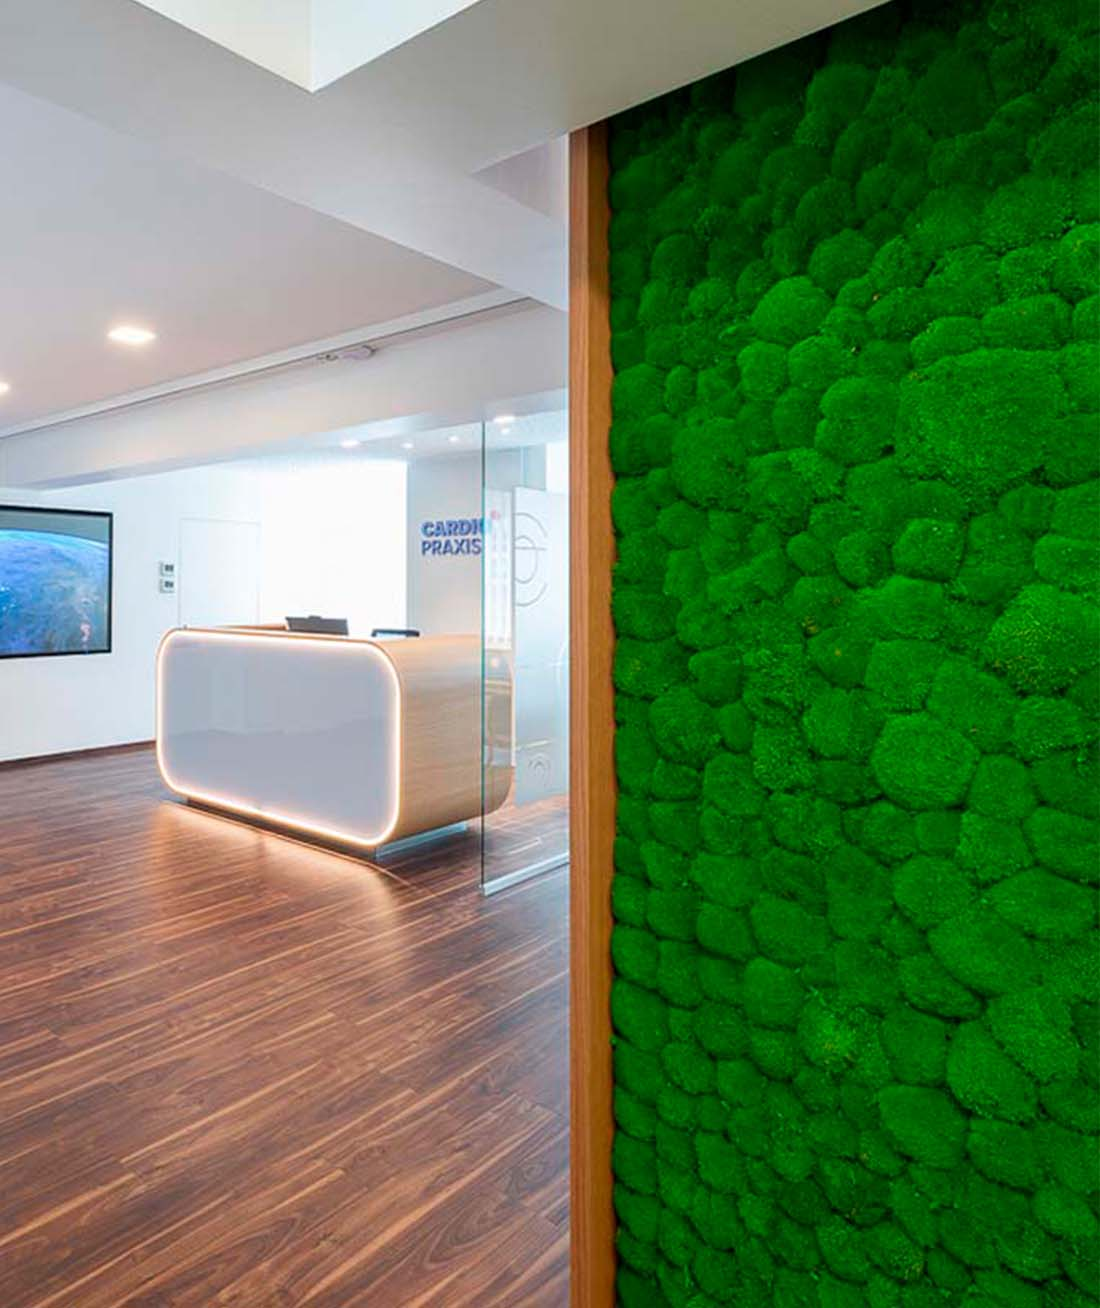 Der helle Empfangsbereich mit der grünen Mooswand in der Cardiopraxis Düsseldorf